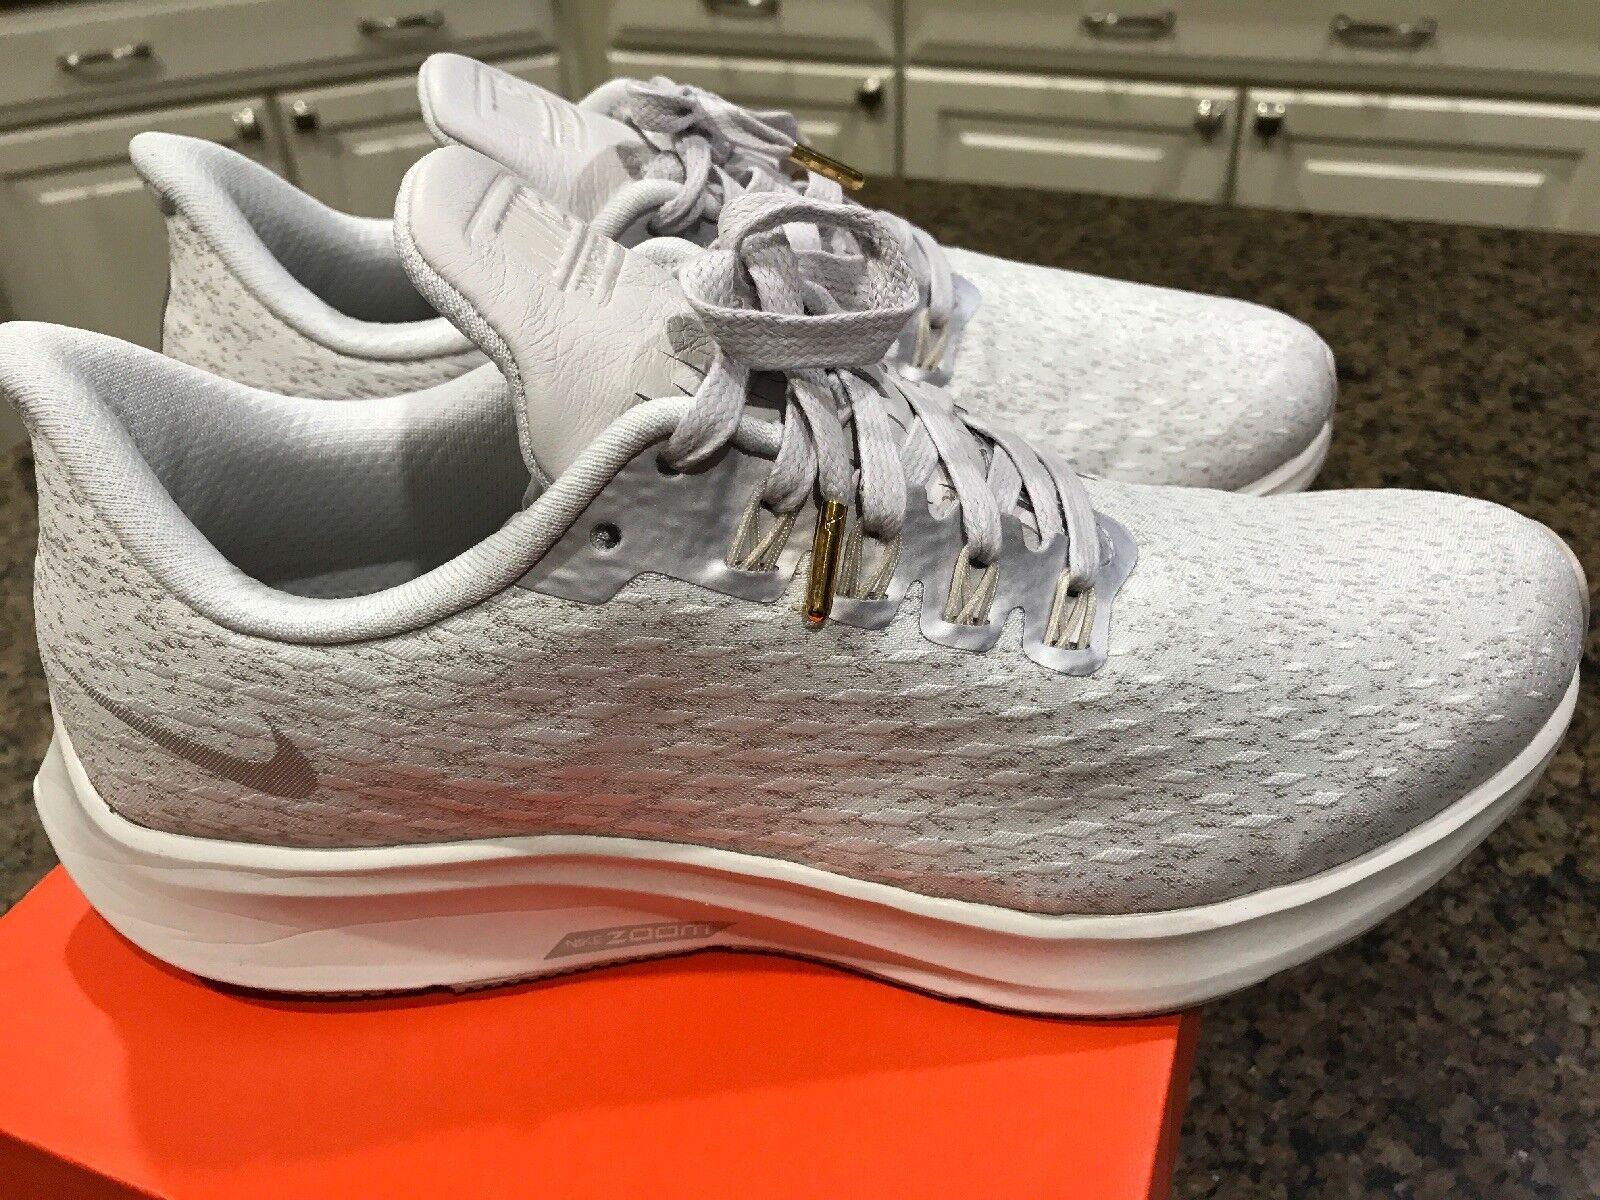 Ni10 2018 Q4 Women AIR ZOOM PEGASUS 35 PREMIUM Running Sneaker shoes AH8392-002